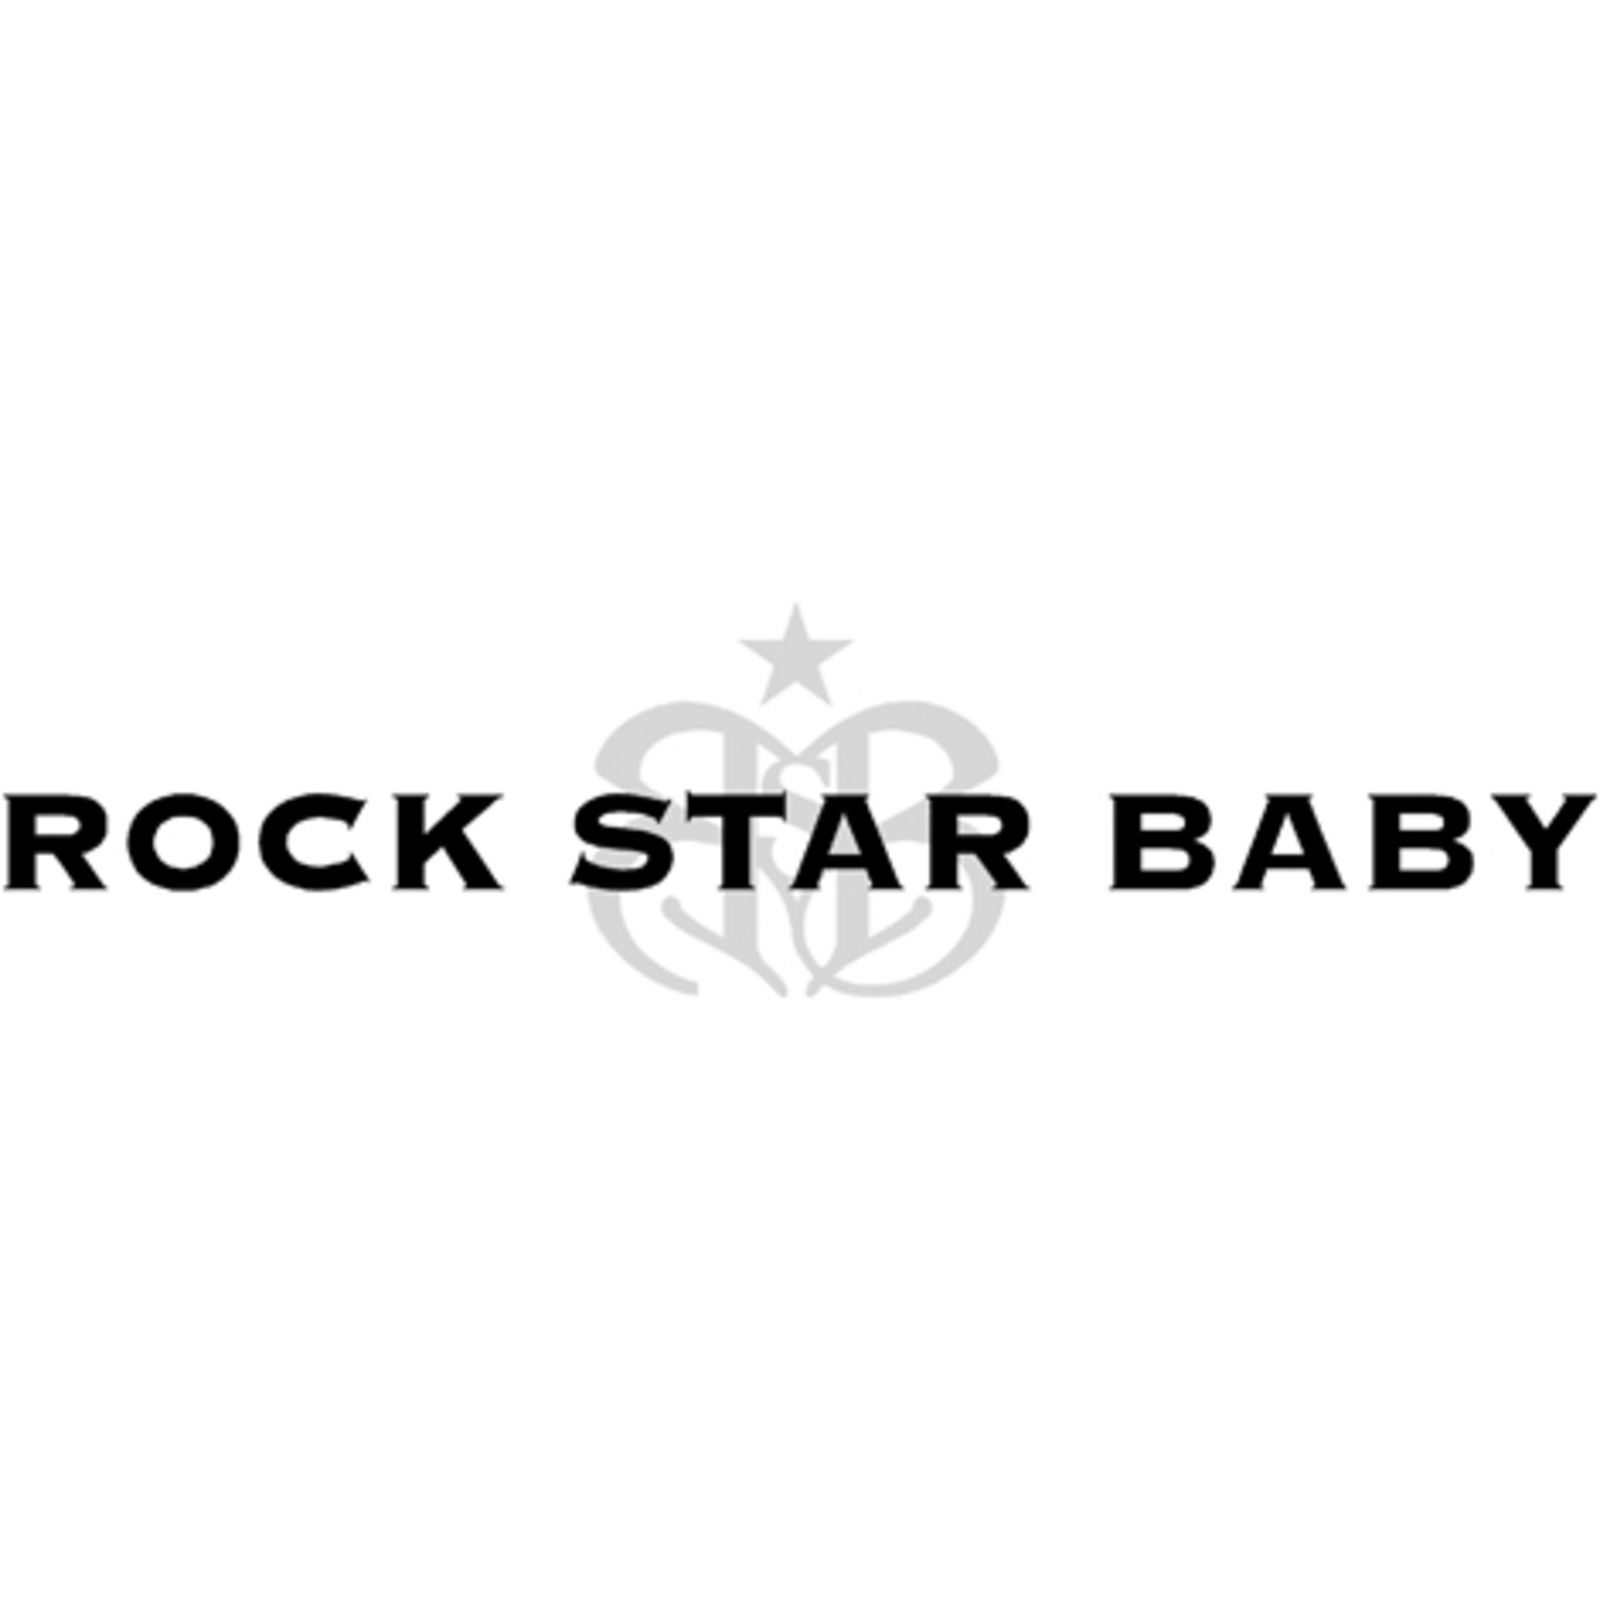 Rock Star Baby : rock star baby shops in dusseldorf thelabelfinder ~ Whattoseeinmadrid.com Haus und Dekorationen